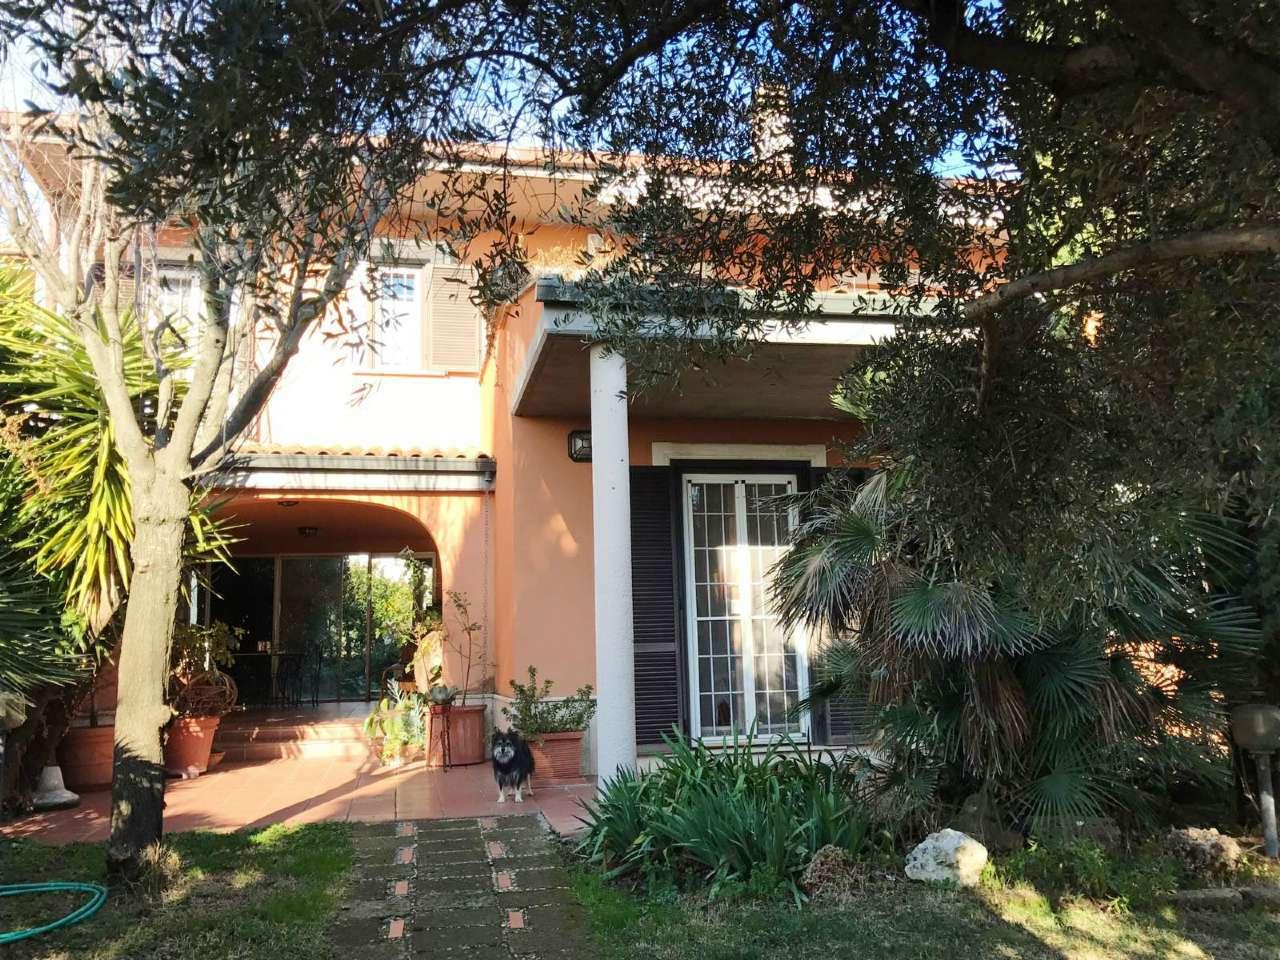 Villa in vendita a Guidonia Montecelio, 6 locali, prezzo € 609.000 | CambioCasa.it